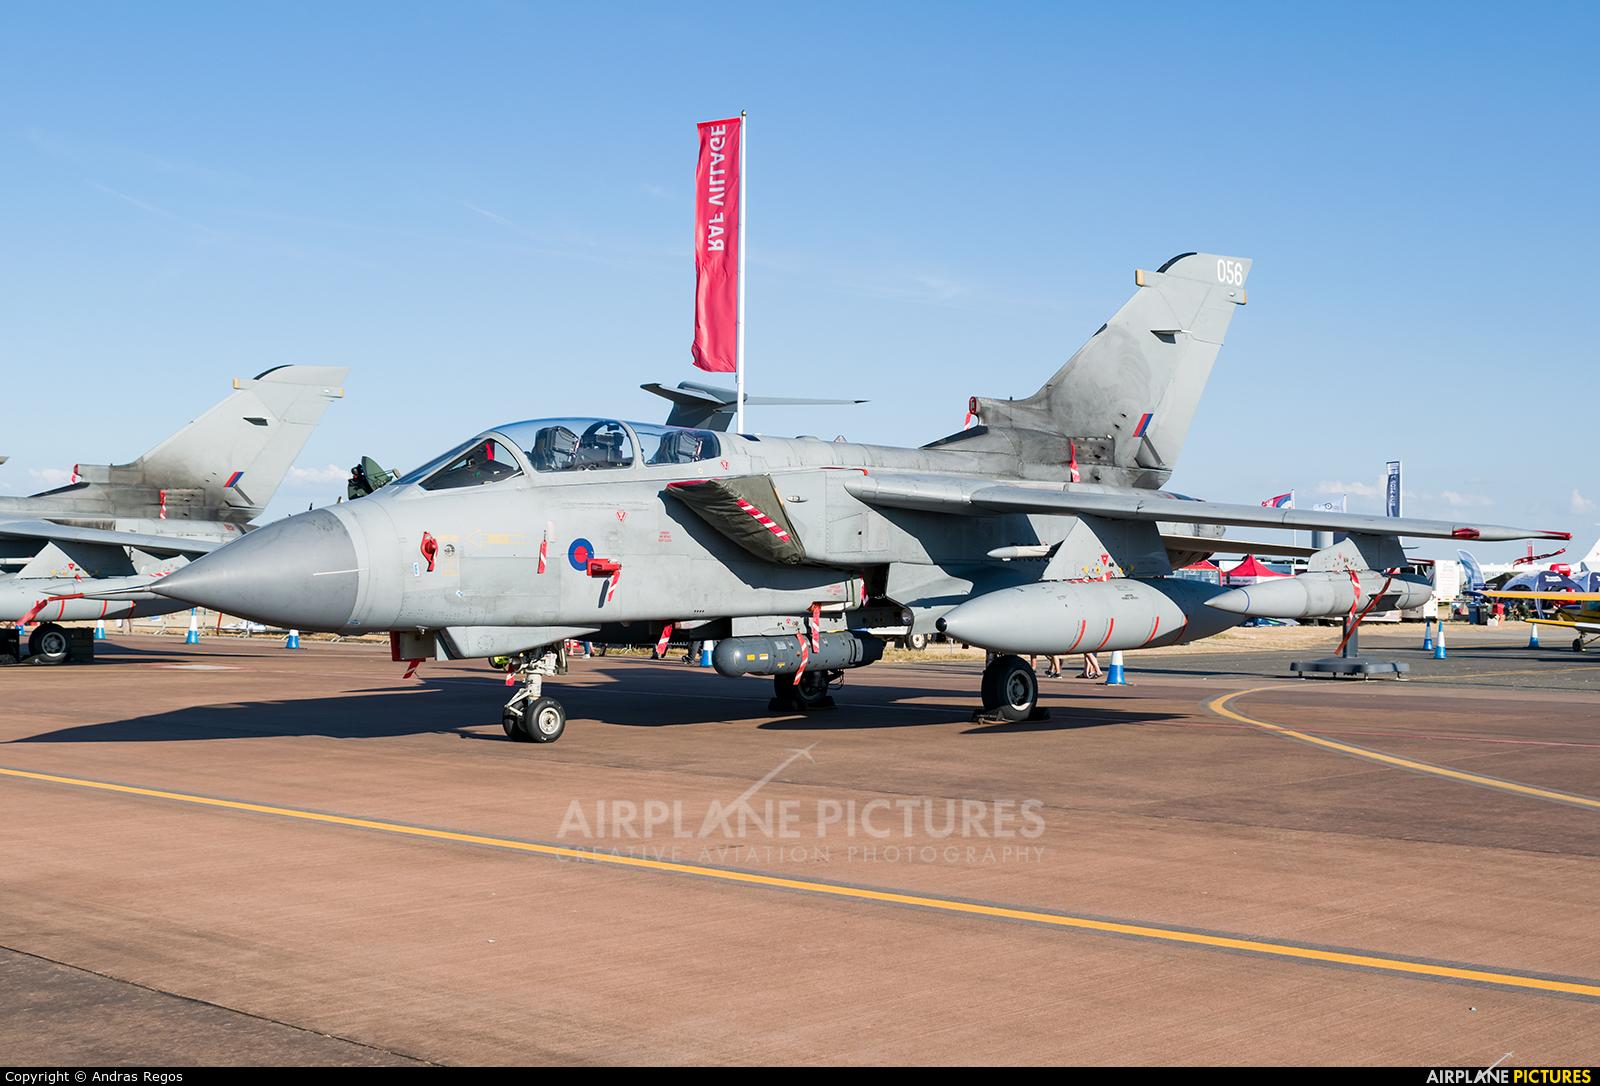 Royal Air Force ZA588 aircraft at Fairford